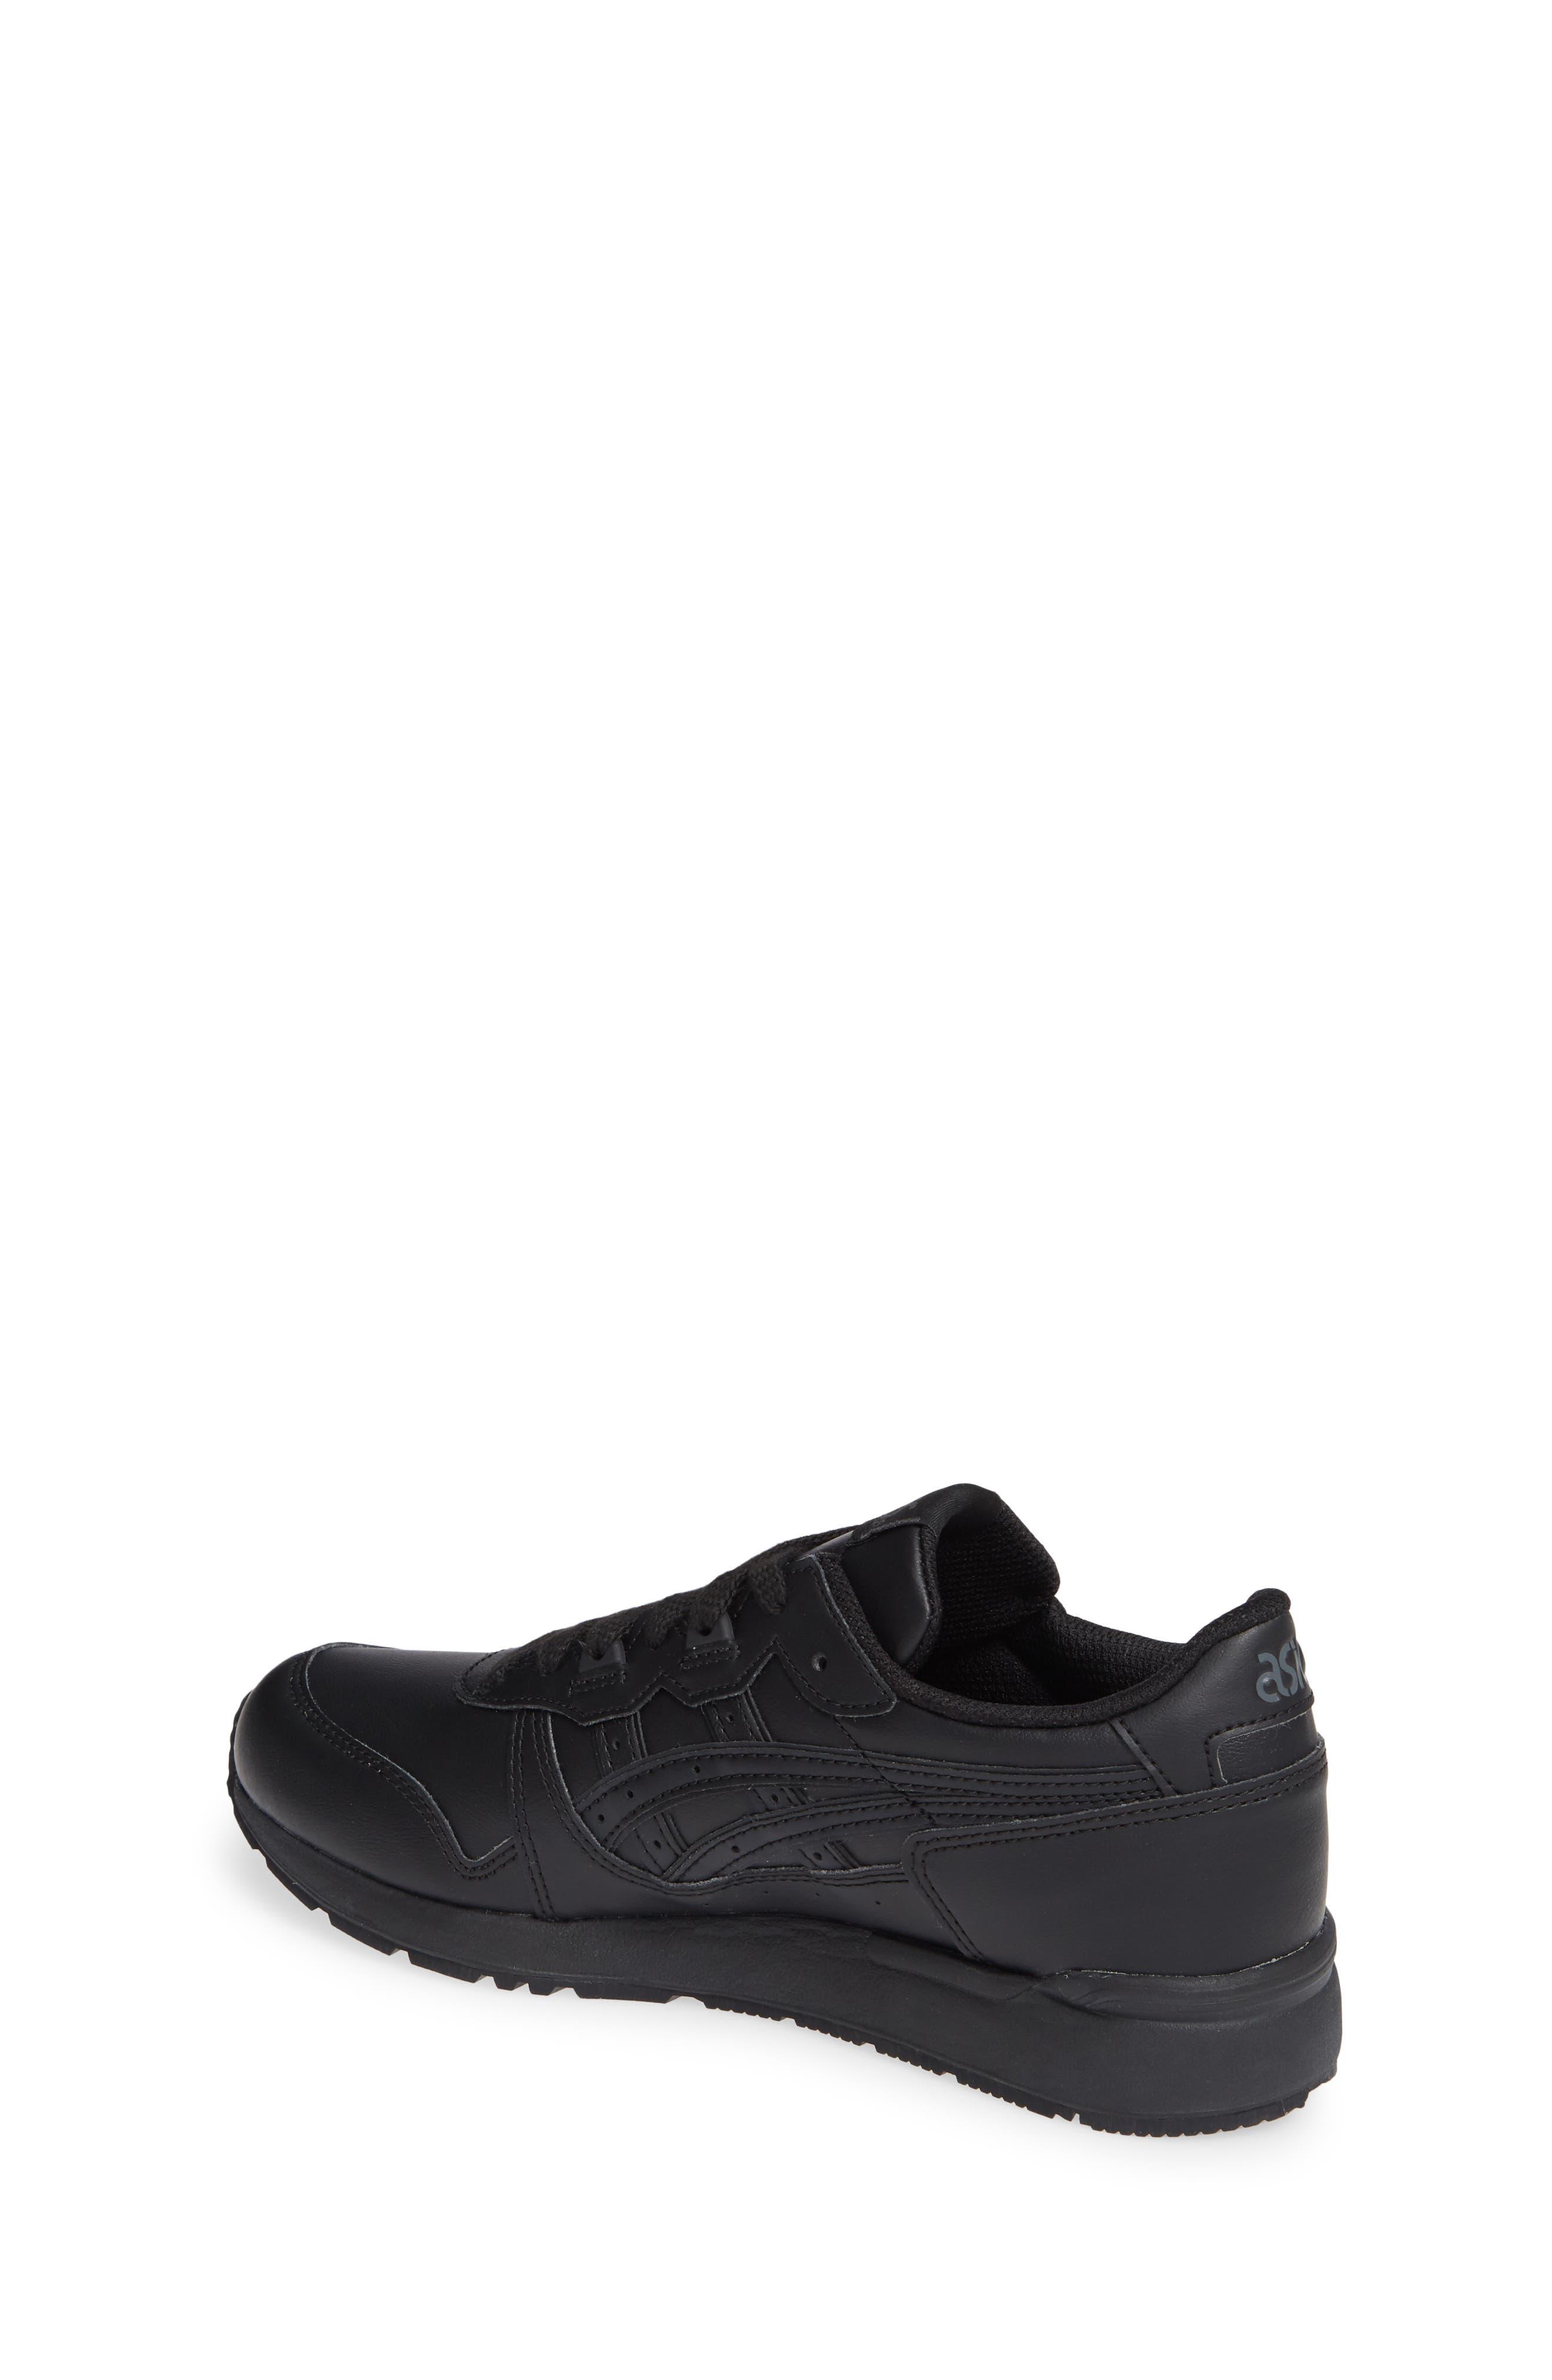 GEL-Lyte III Sneaker,                             Alternate thumbnail 2, color,                             BLACK/ BLACK